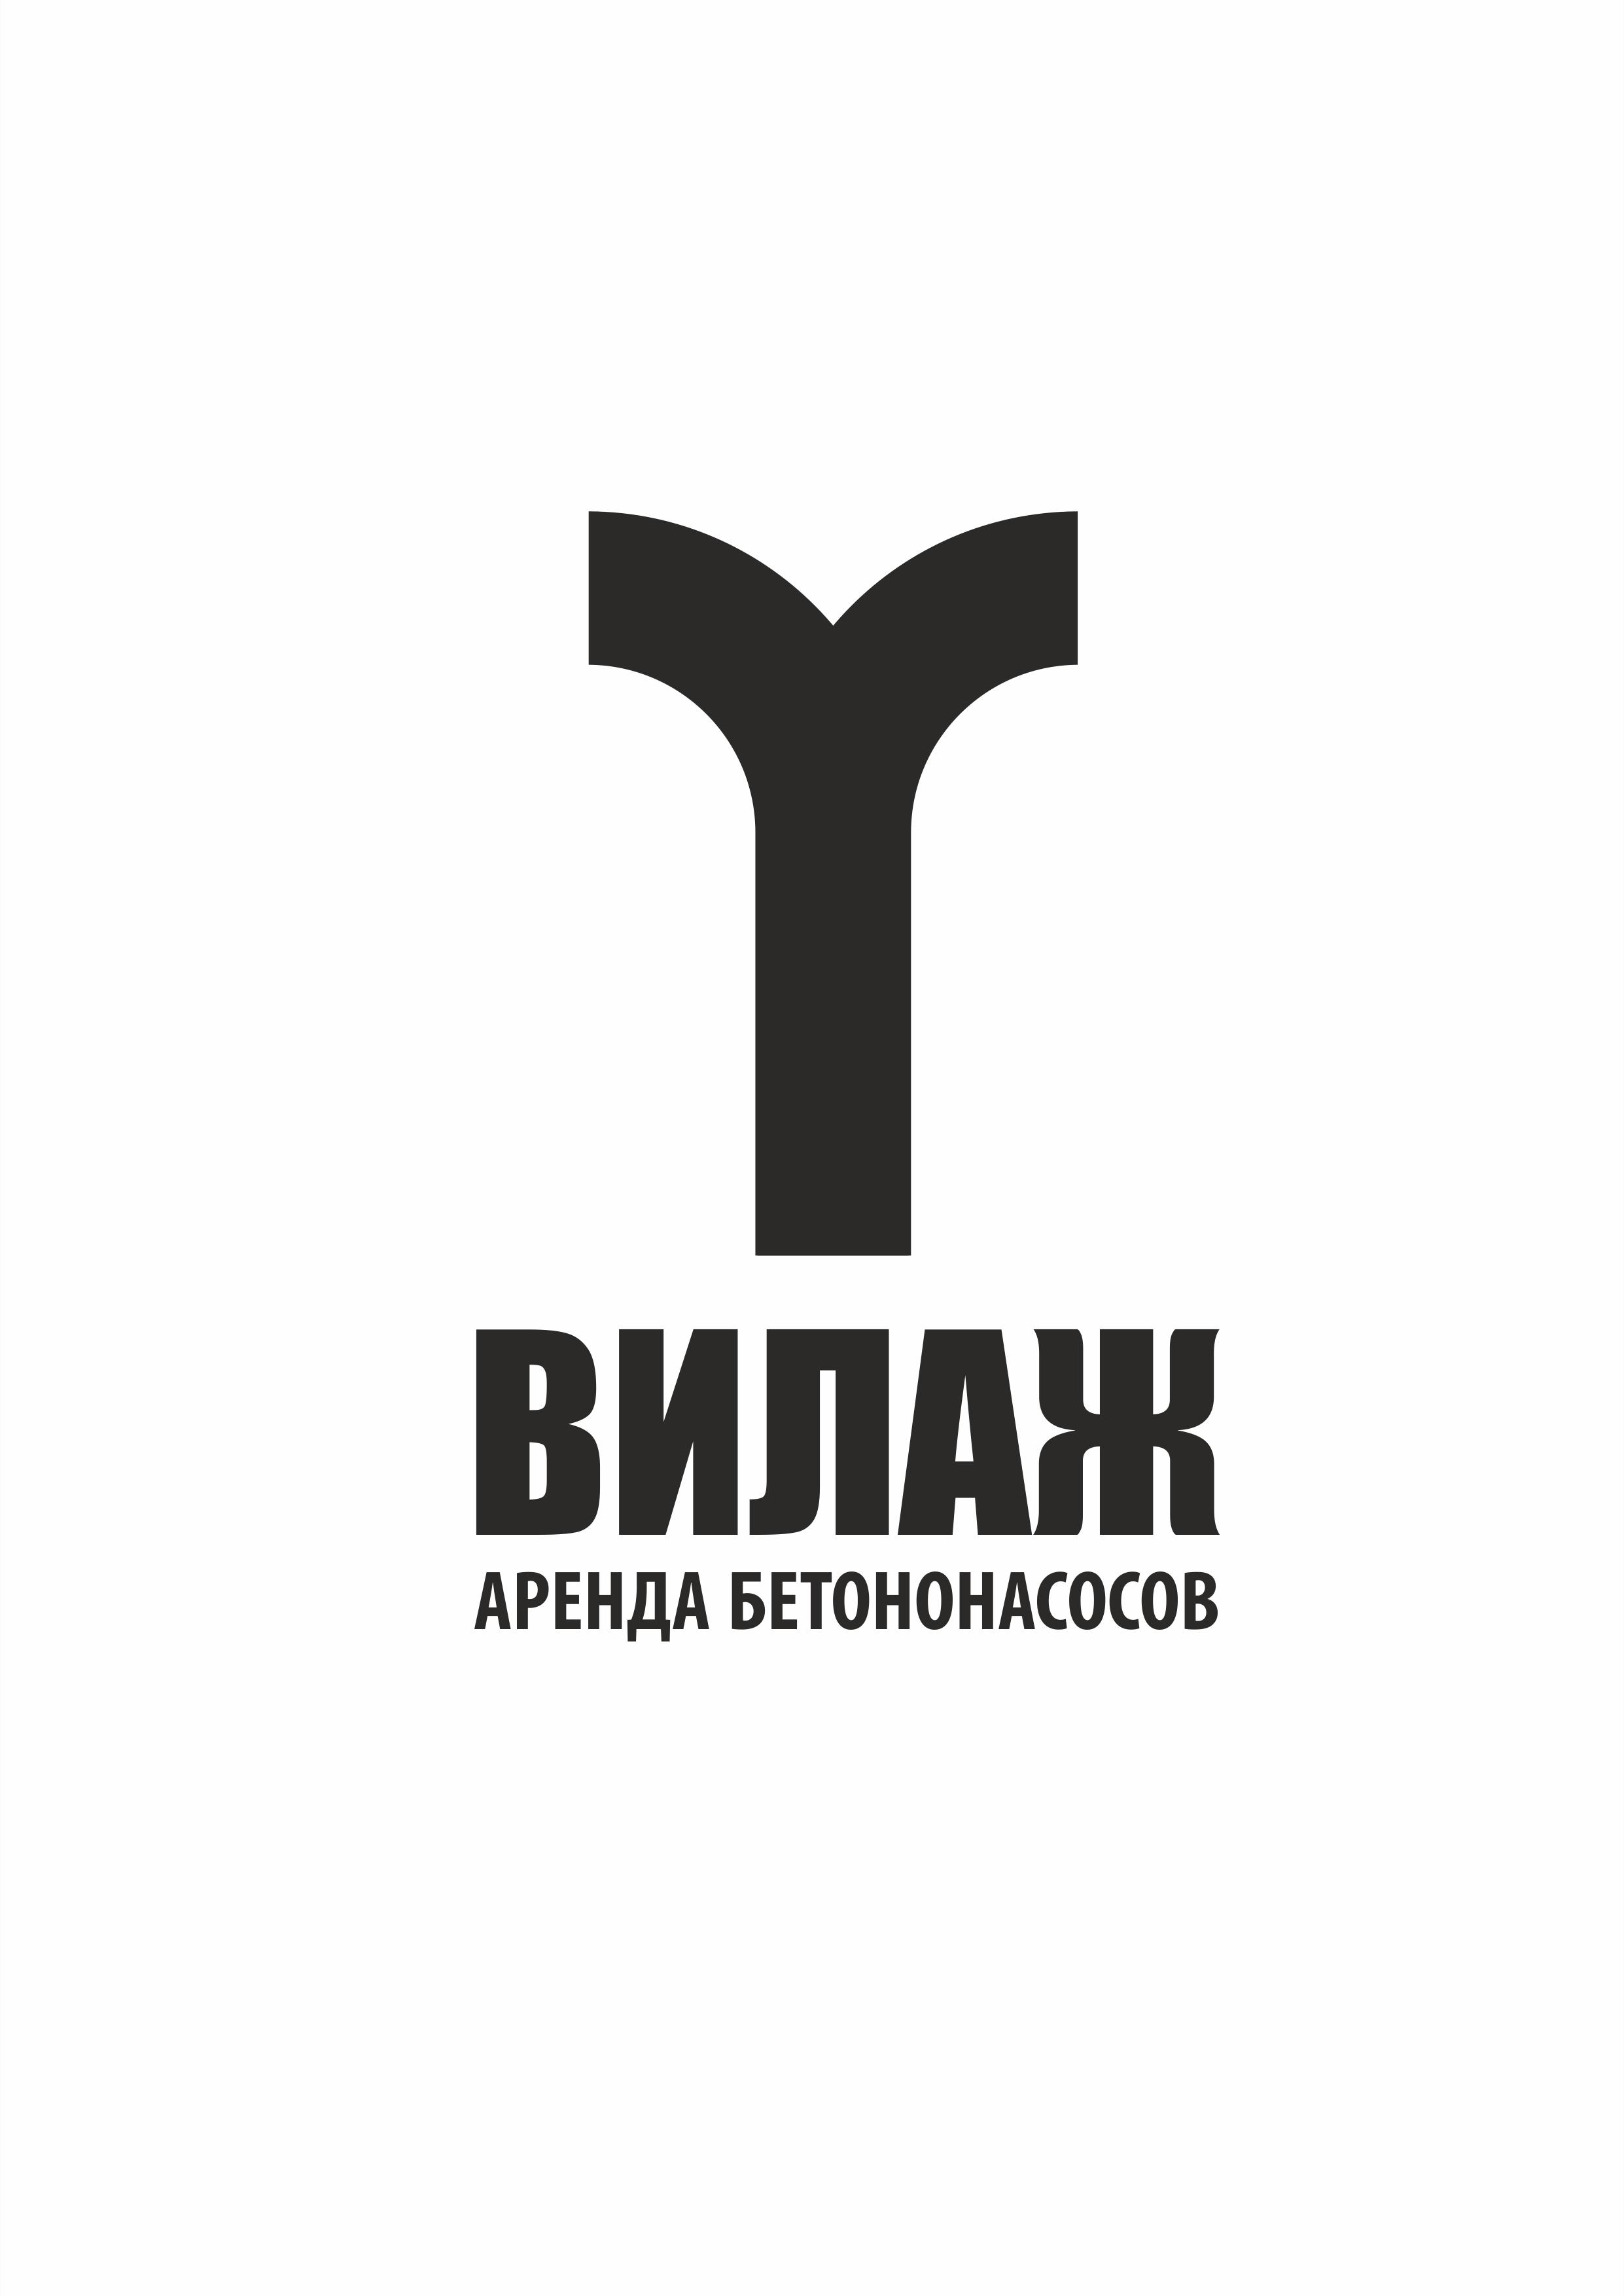 Логотип для компании по аренде спец.техники фото f_8075991f8d918202.png